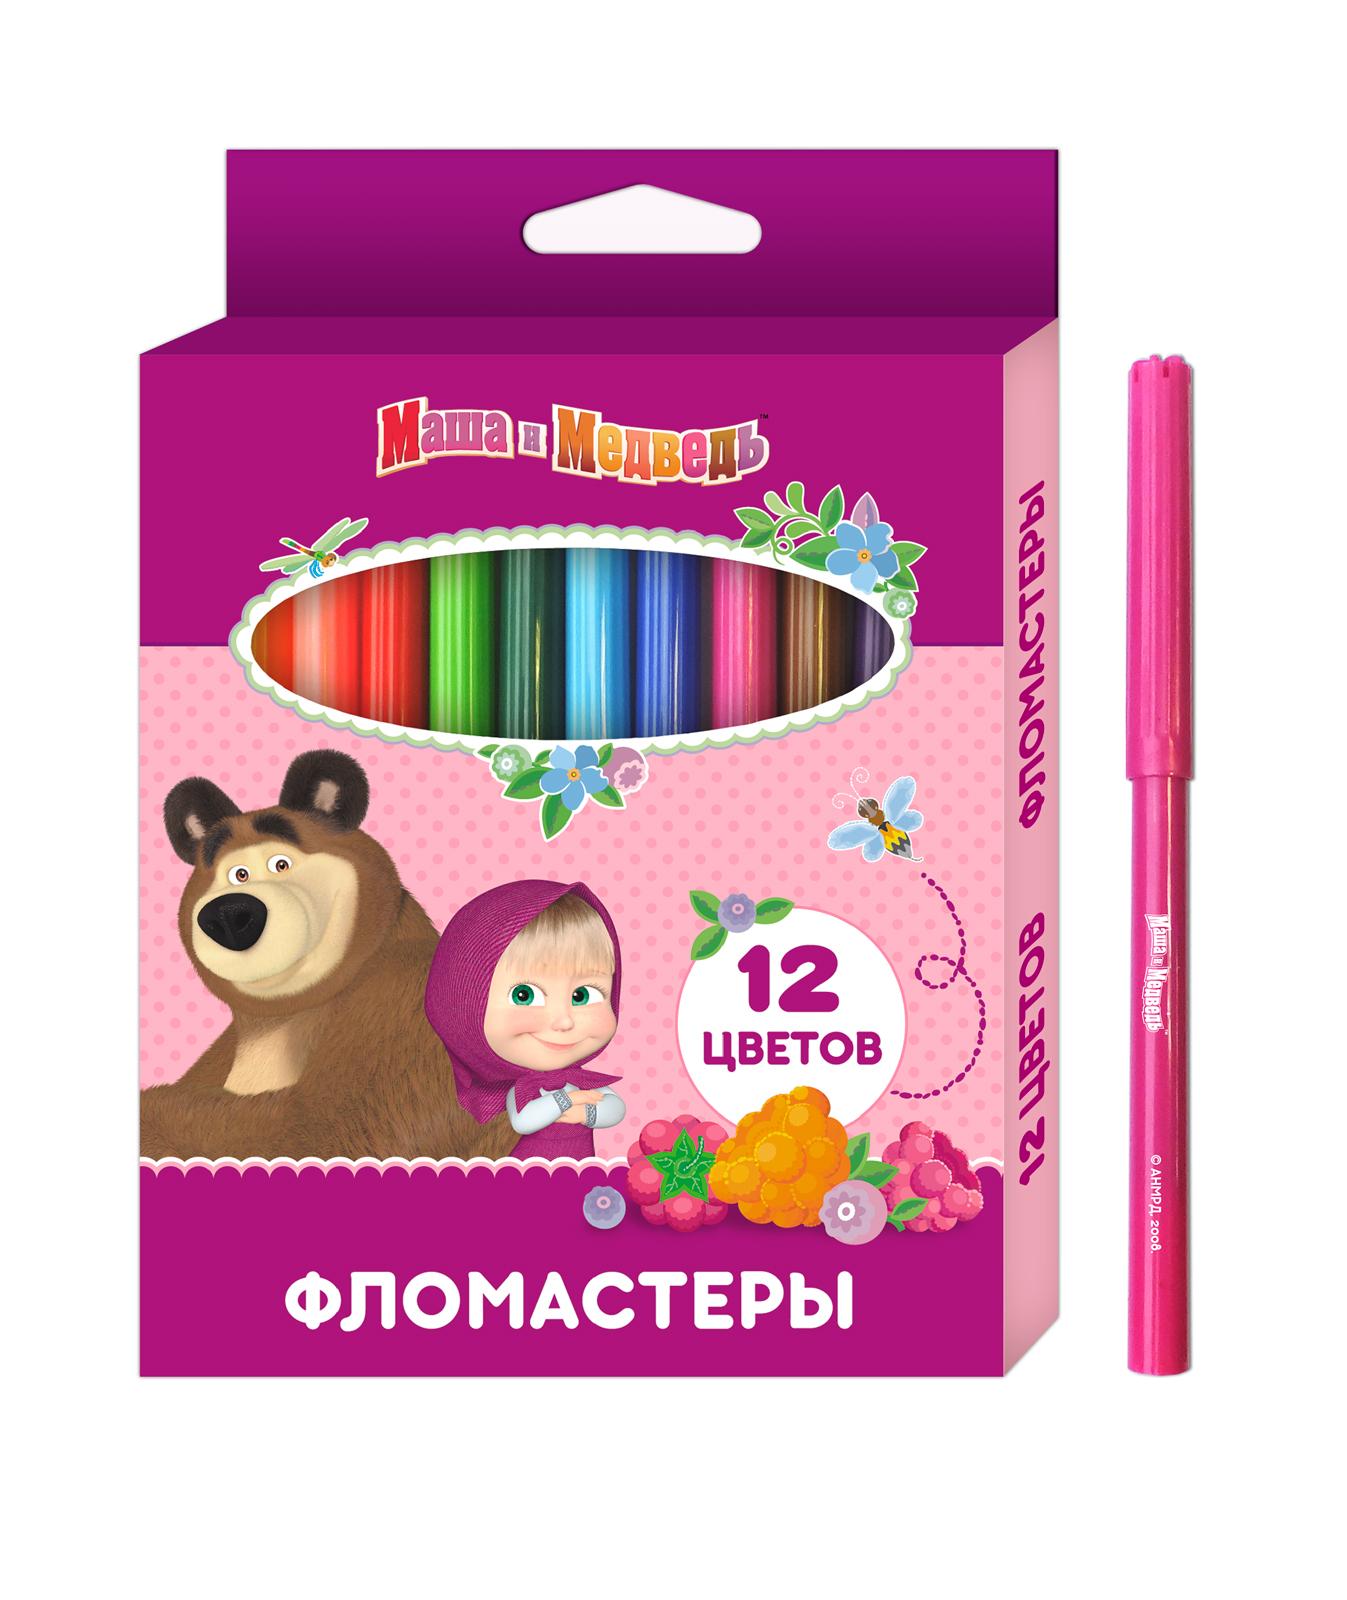 Фломастеры Маша и Медведь 12 цветов фломастеры маша и медведь 12 цв толстые